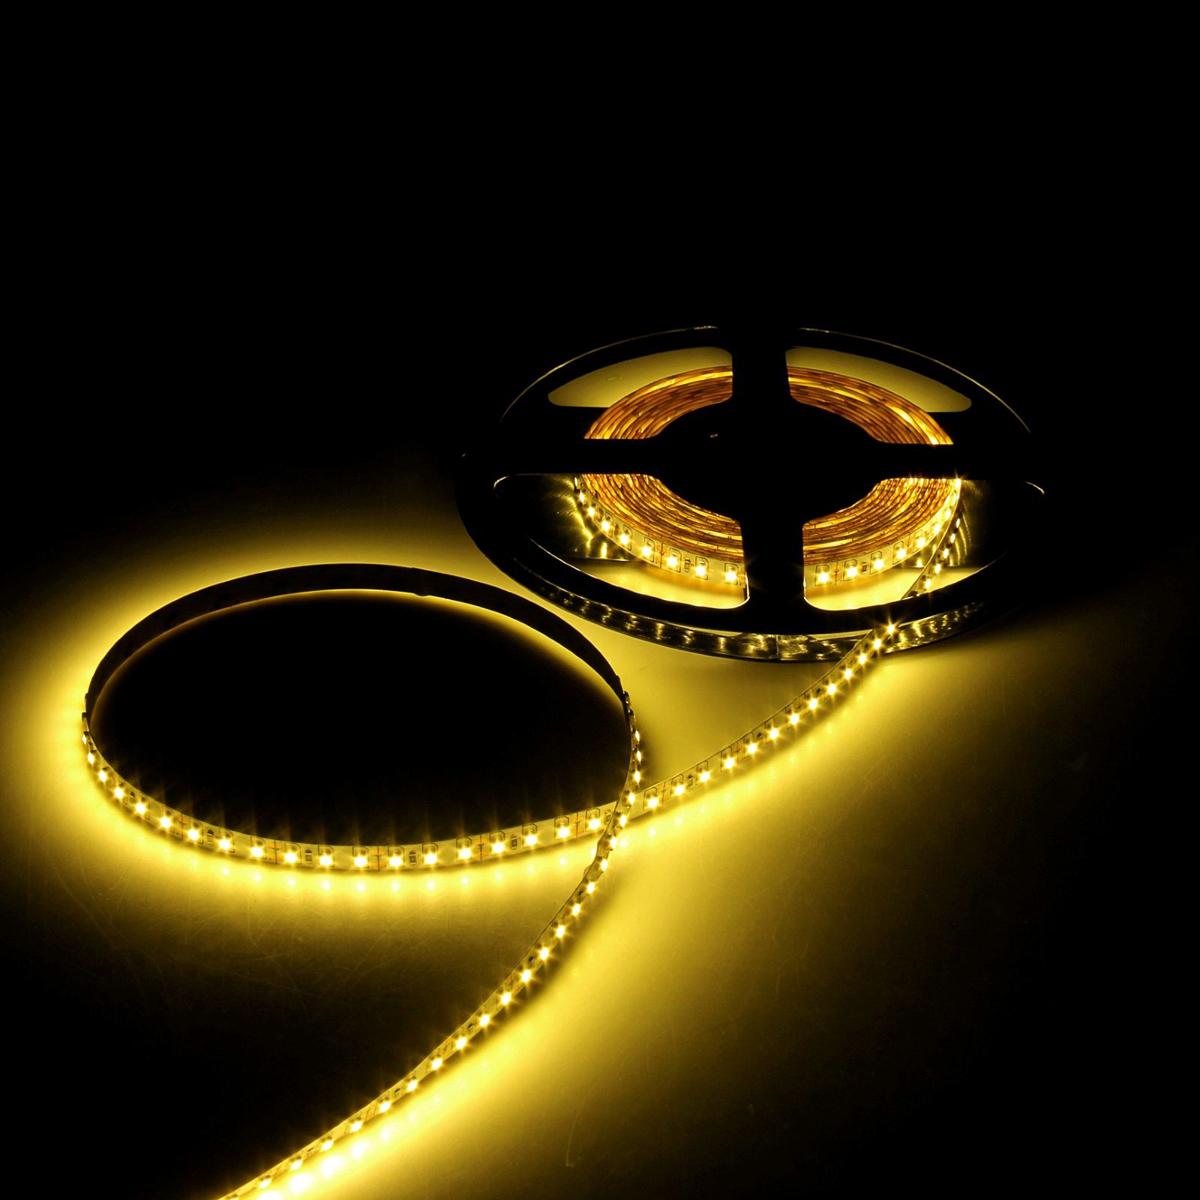 Светодиодная лента Luazon, 12В, SMD3528, длина 5 м, IP65, 120 LED ламп, 9.6 Вт/м, 6-7 Лм/1 LED, DC, цвет: желтый. 883902 светодиодная лента luazon 12в smd3528 длина 5 м ip68 60 led ламп 4 8 вт м 6 7 лм 1 led dc цвет фиолетовый